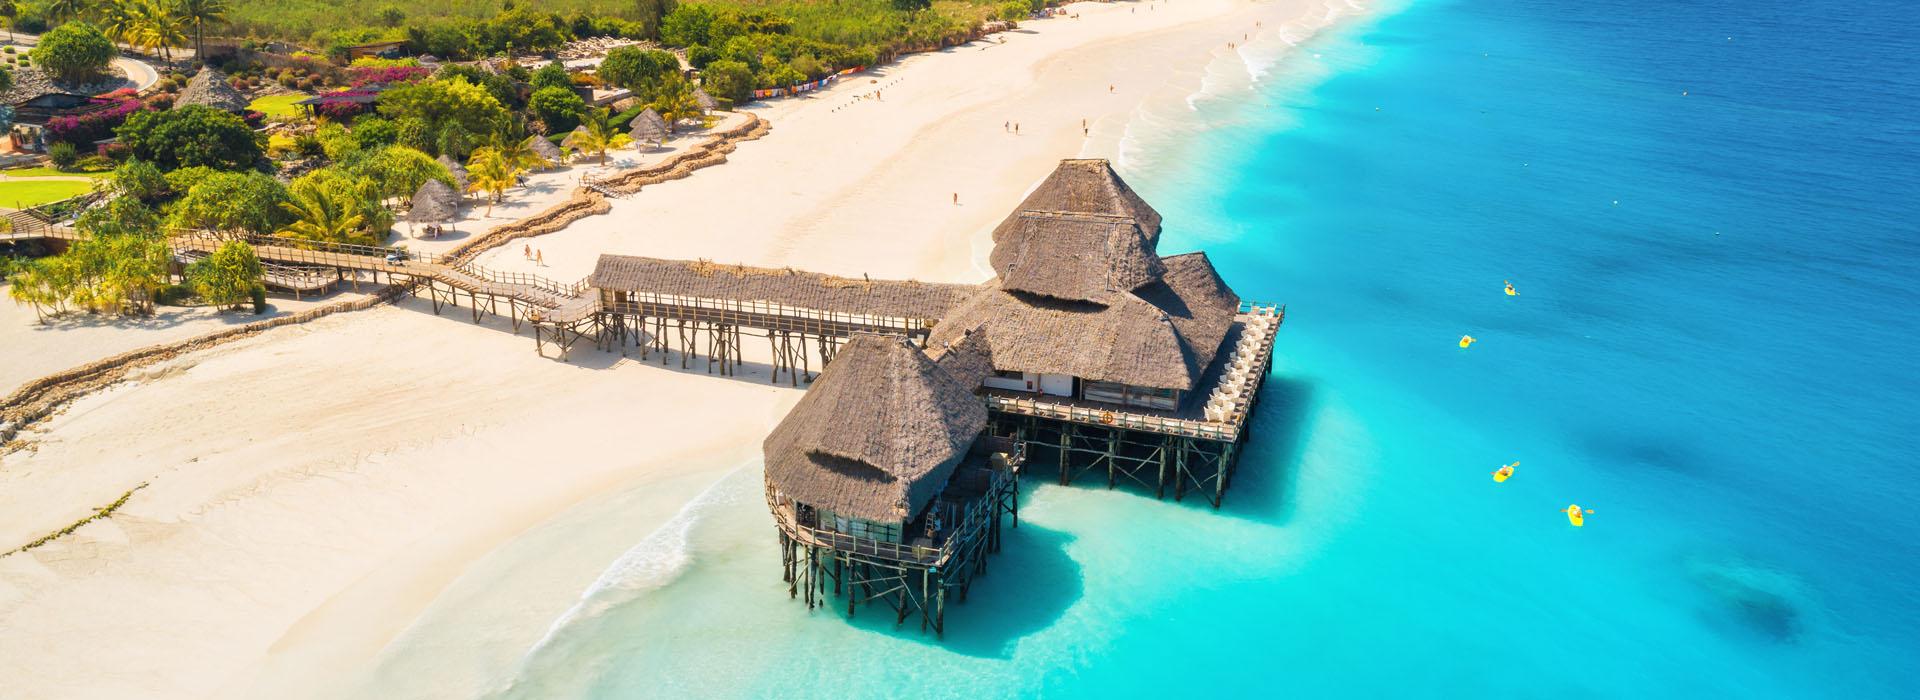 African Adventure Specialists - Zanzibar Destination 2